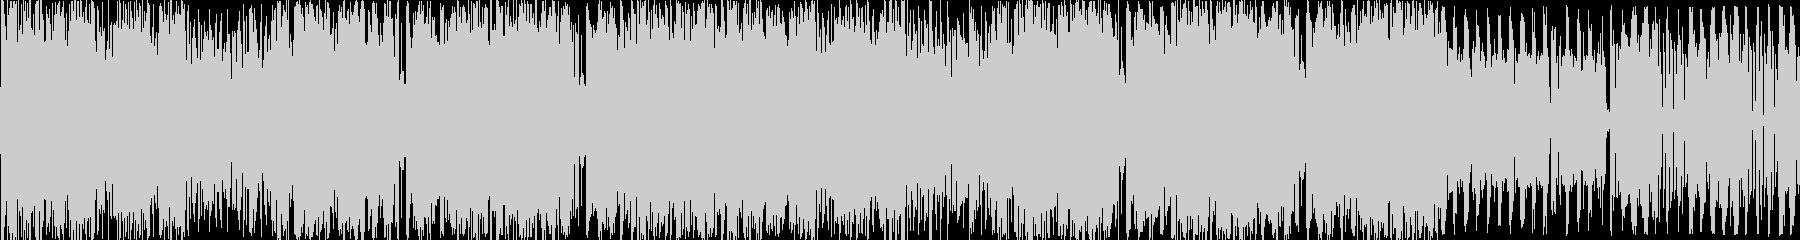 とにかく激しいエレクトロ曲 ループverの未再生の波形